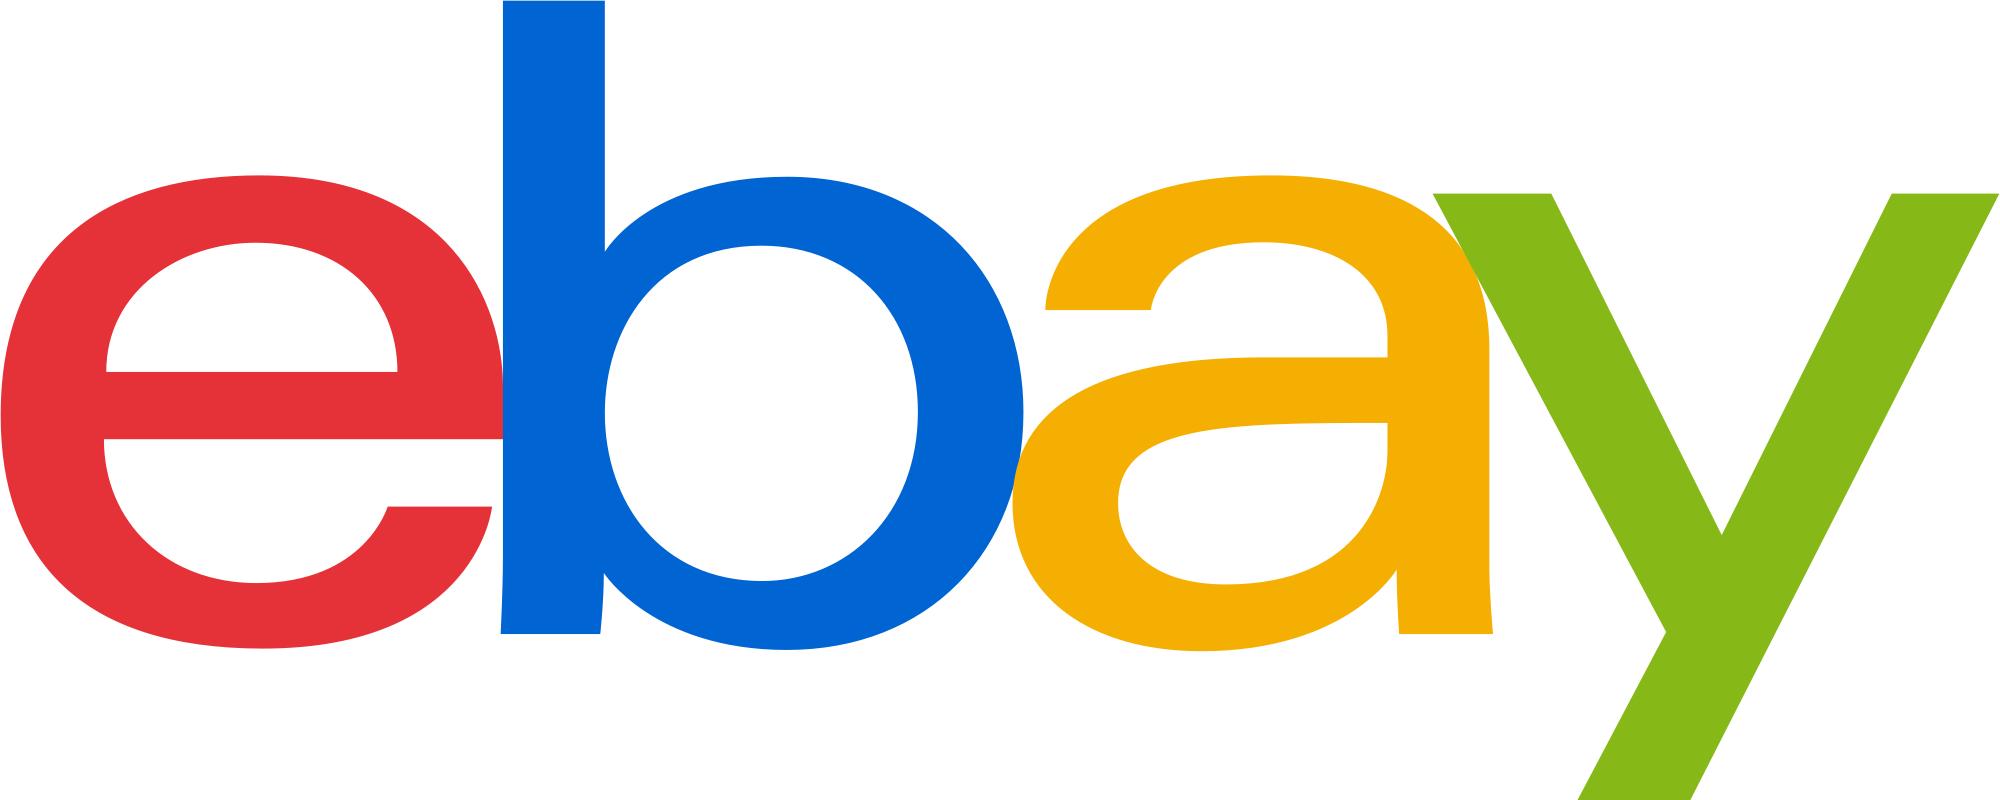 Ebay -50% Verkaufsprovision für 100 Angebote ab 30€ VK Preis / 09.12.16 - 15.12.16 für ausgewählte Mitglieder